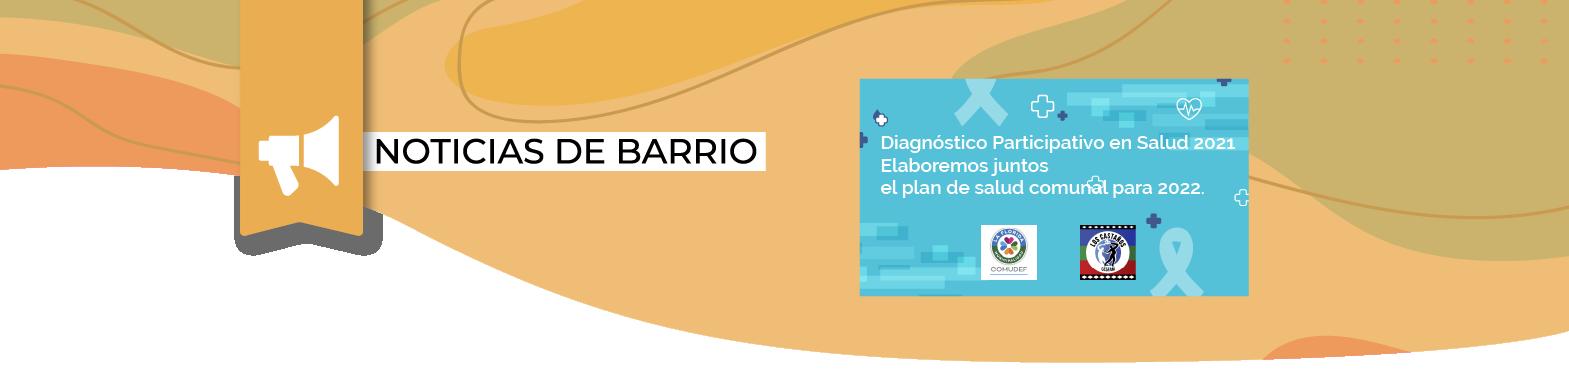 Súmate al Diagnóstico Participativo en Salud 2021